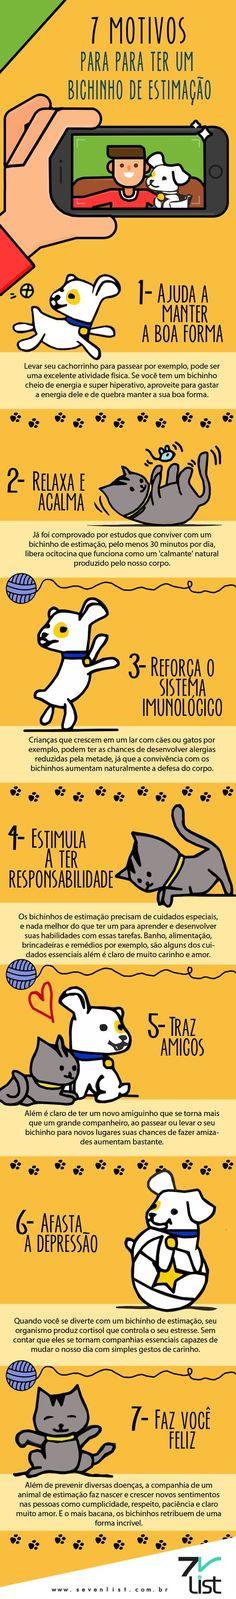 7 motivos para ter um animal de estimação